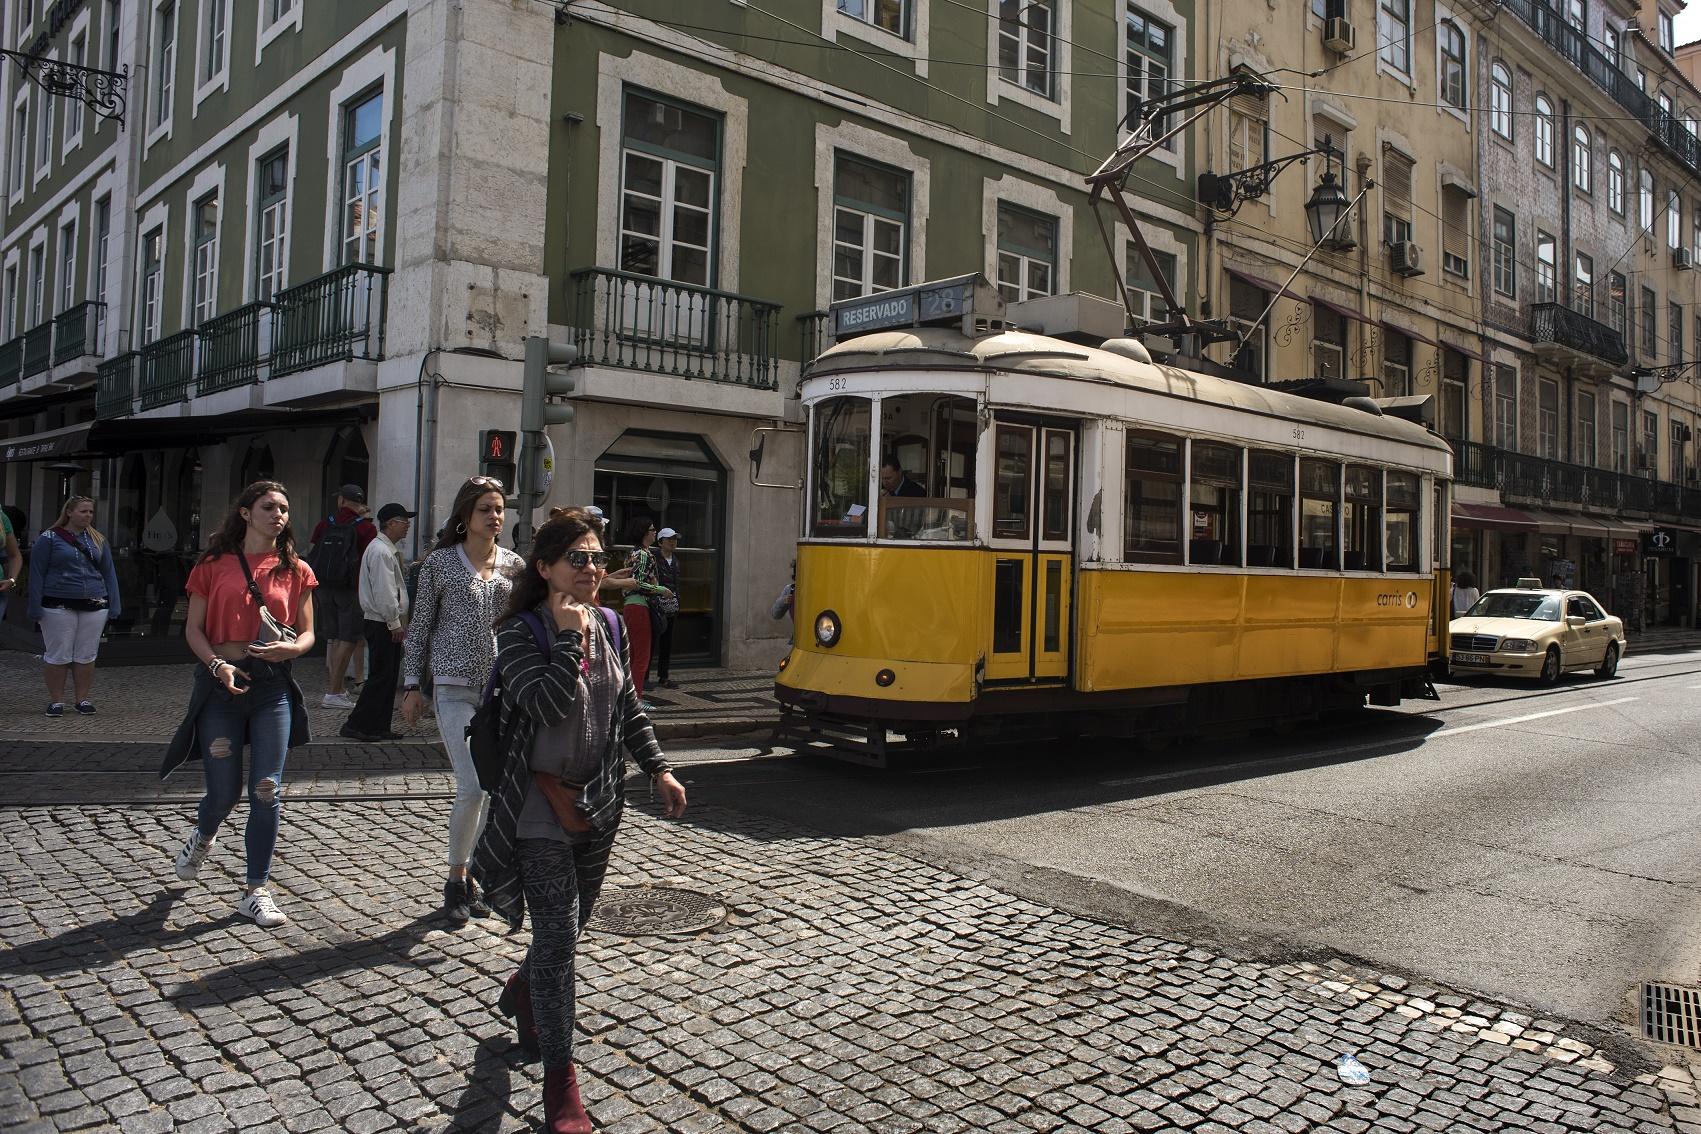 O tradicional bonde circulando pelo centro histórico de Lisboa. Foto Joaquin Gomez Sestre/NurPhoto